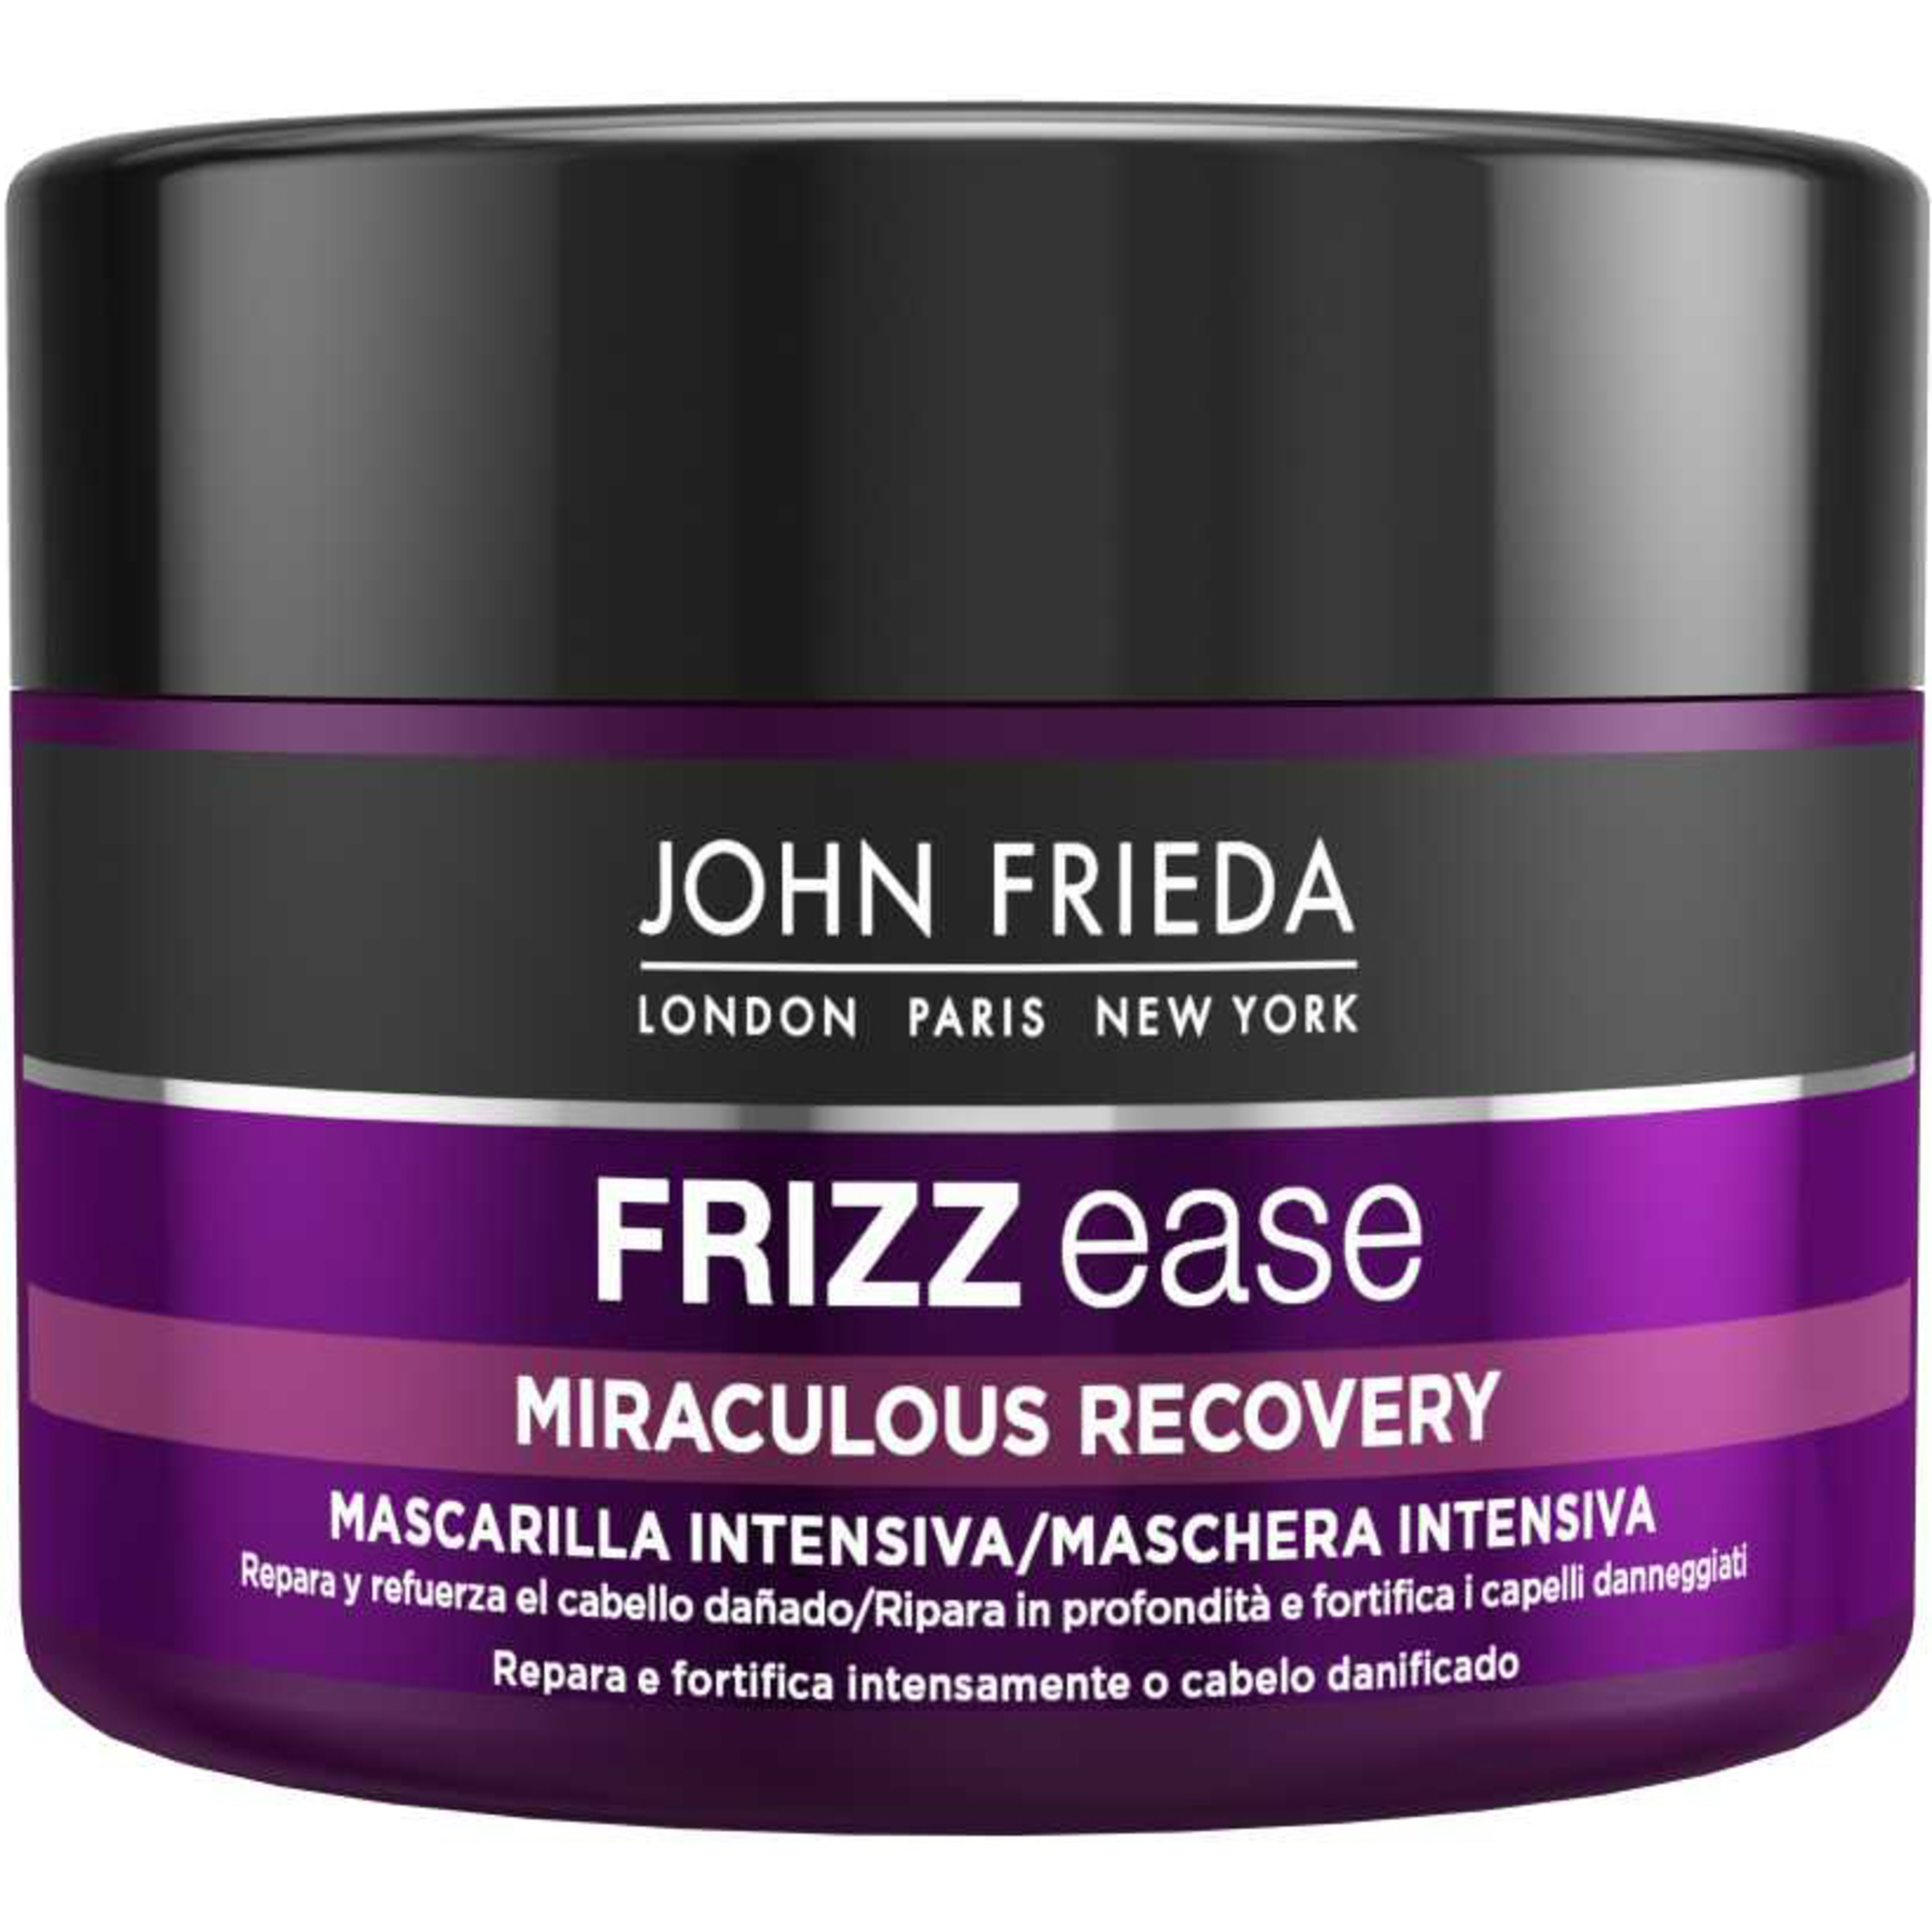 Mascarilla intensiva para cabello dañado Frizz Ease de John Frieda